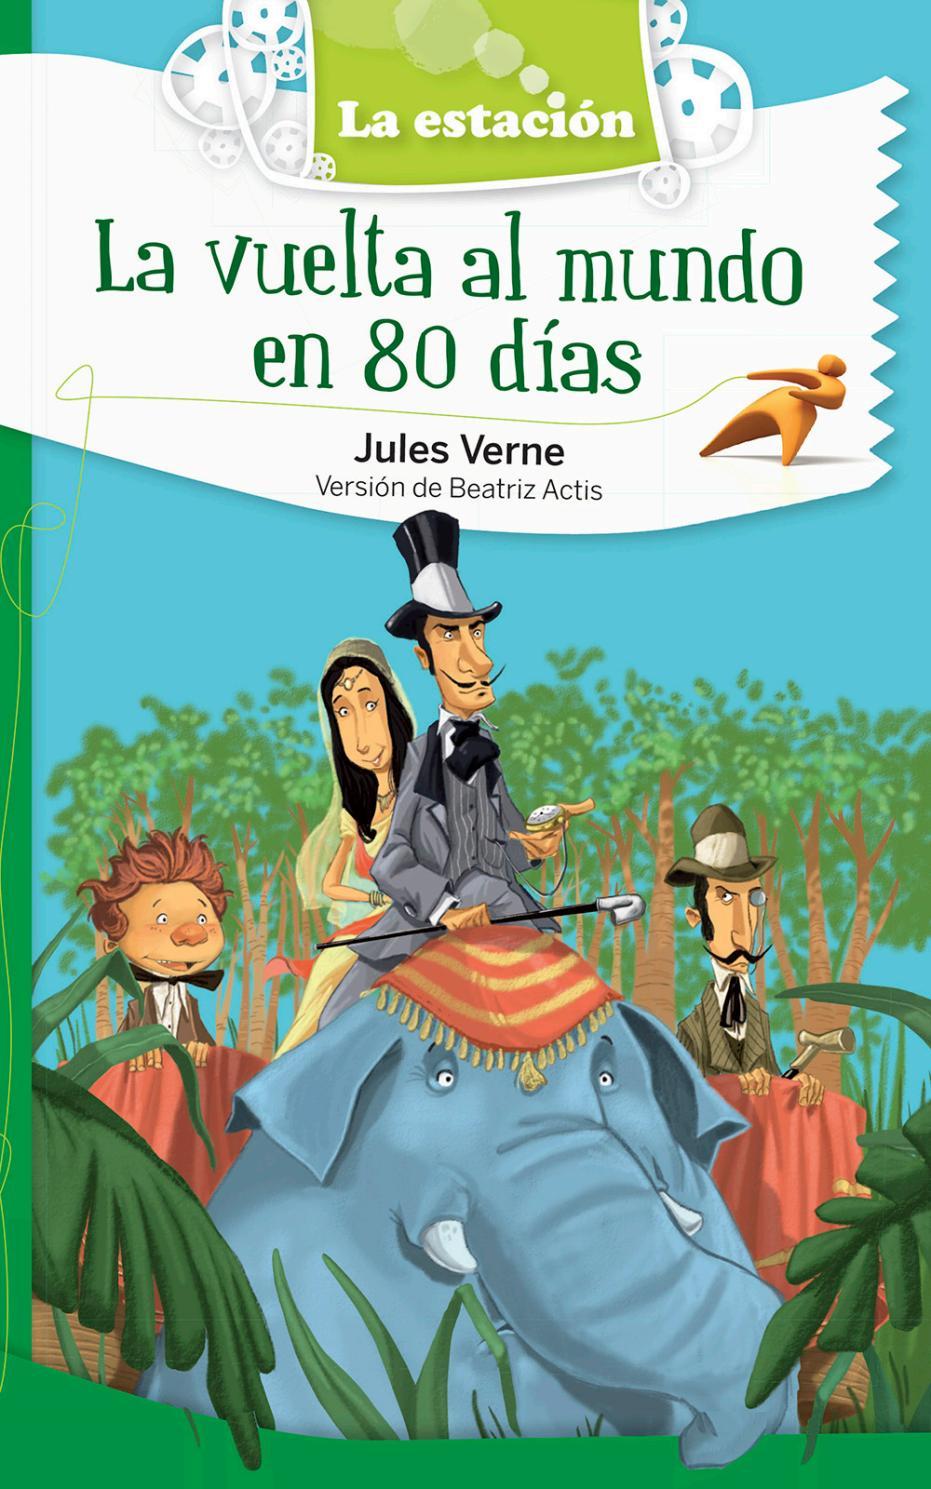 La vuelta al mundo en 80 días - ¡Recorré el libro! by